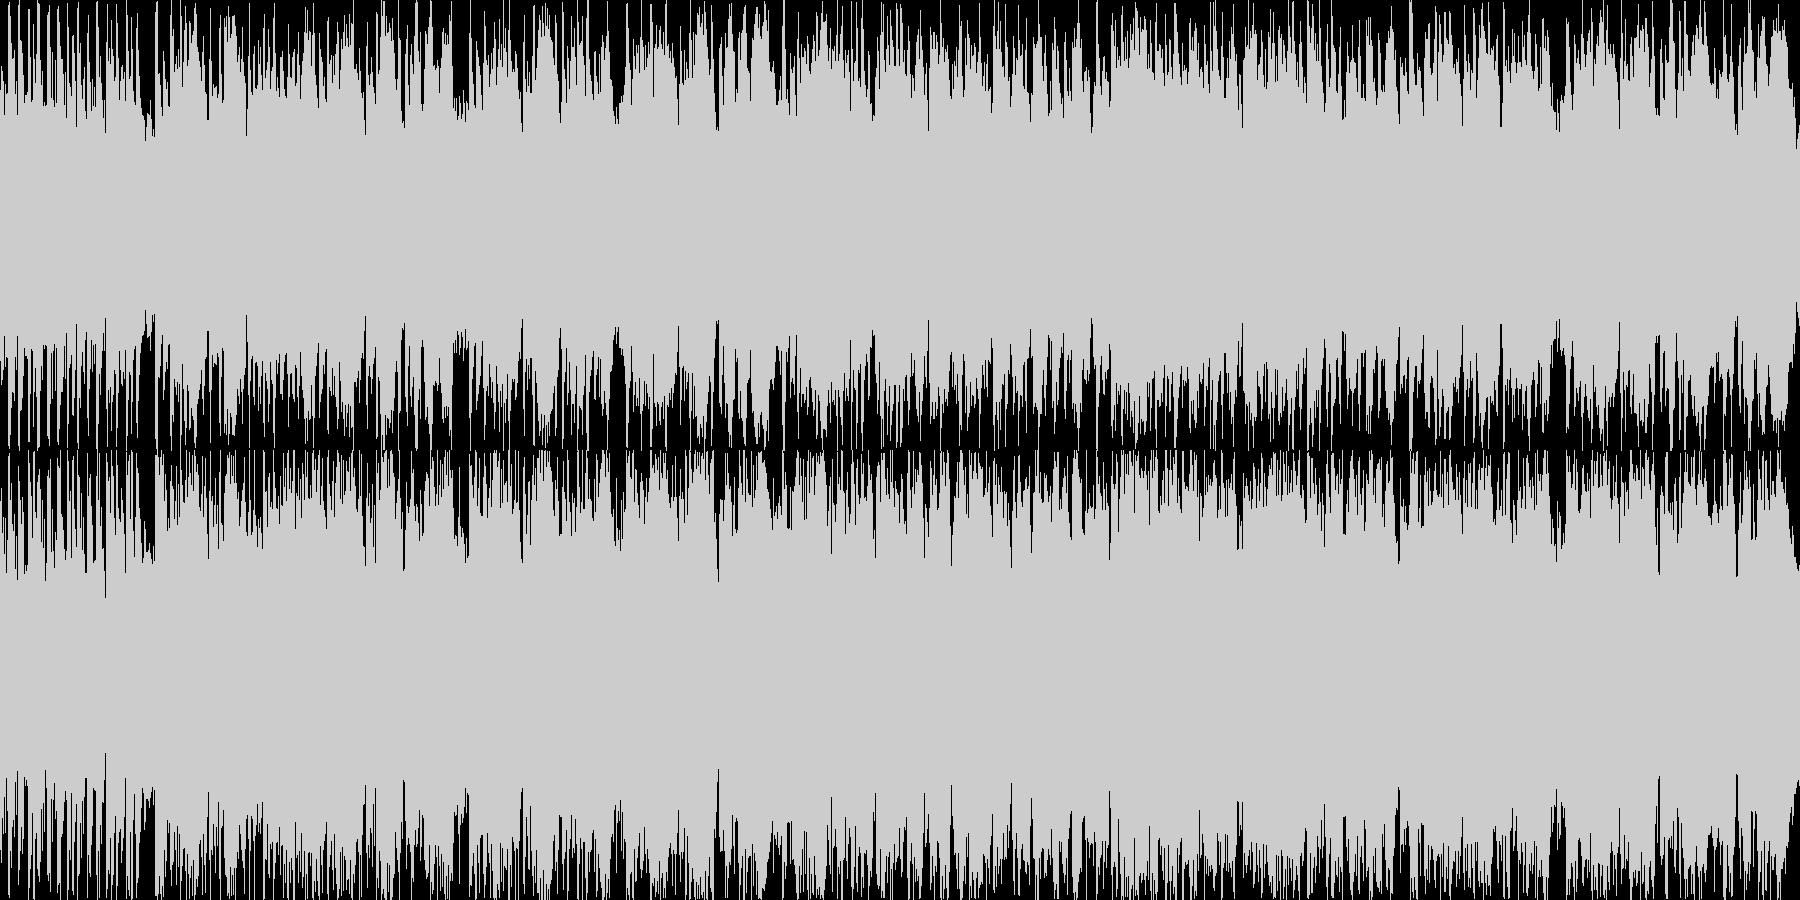 スペイン風のトロンボーンとギターの短調の未再生の波形